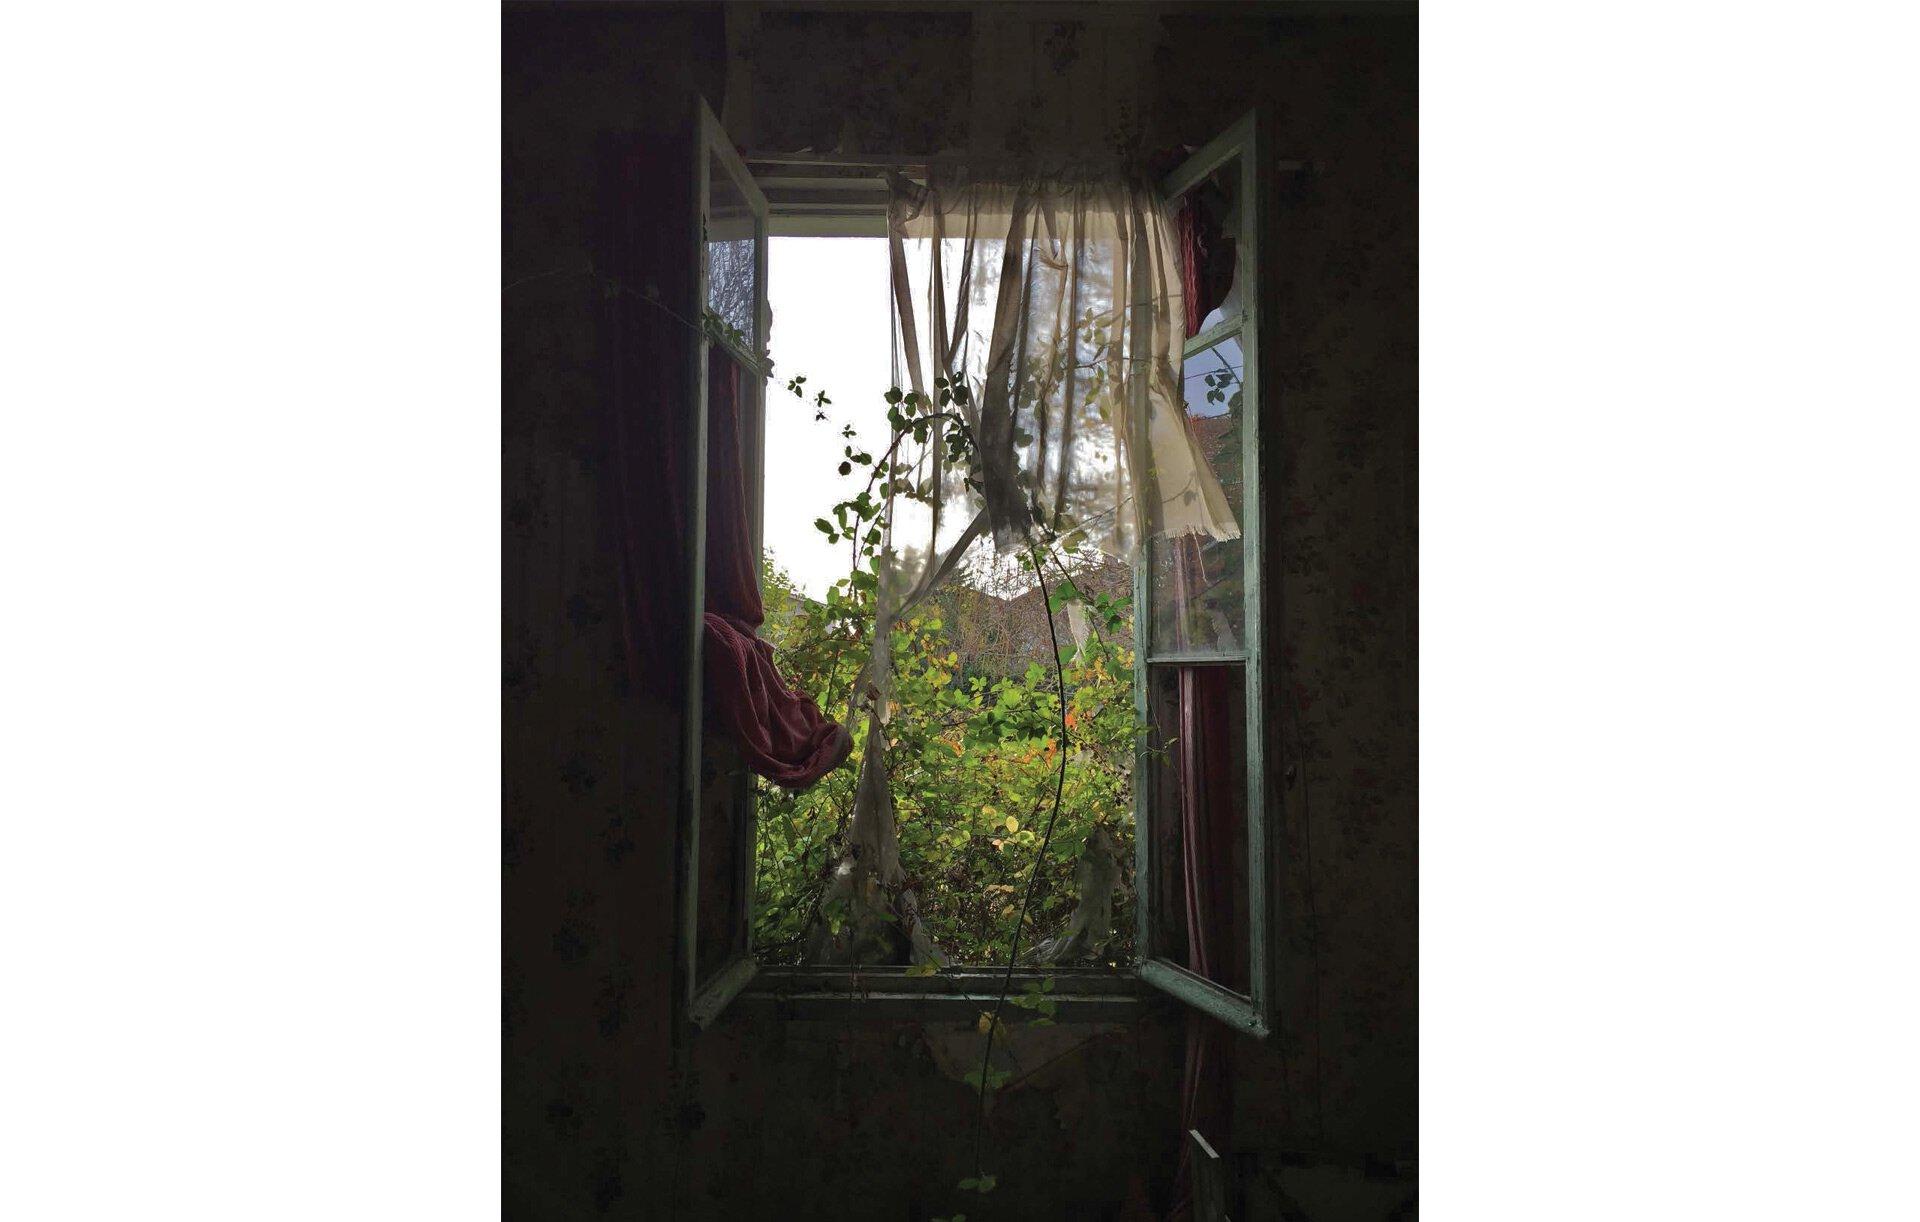 Fenêtre entrouverte qui donne un cadrage naturel.